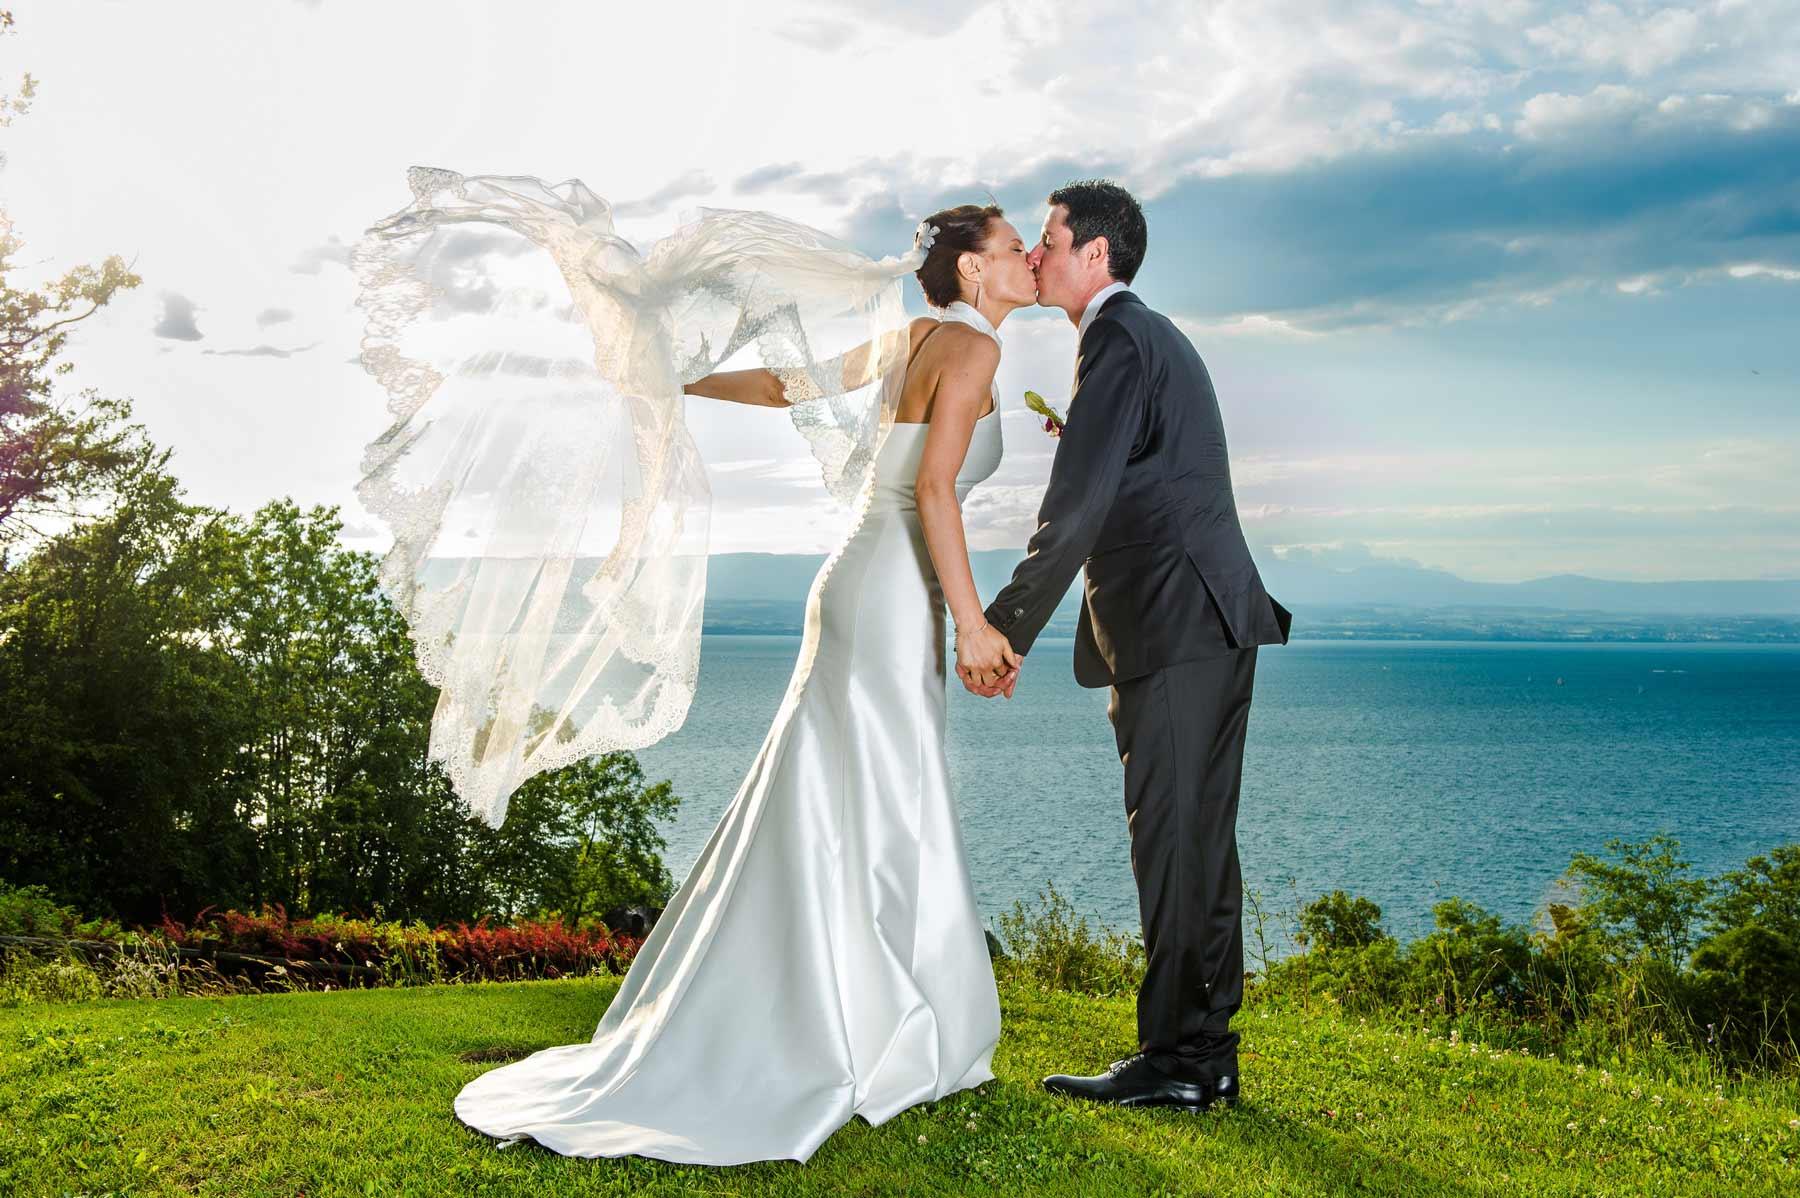 Photographe mariage evian lausanne geneve book haute savoie 74 - Couleur mariage 2017 ...